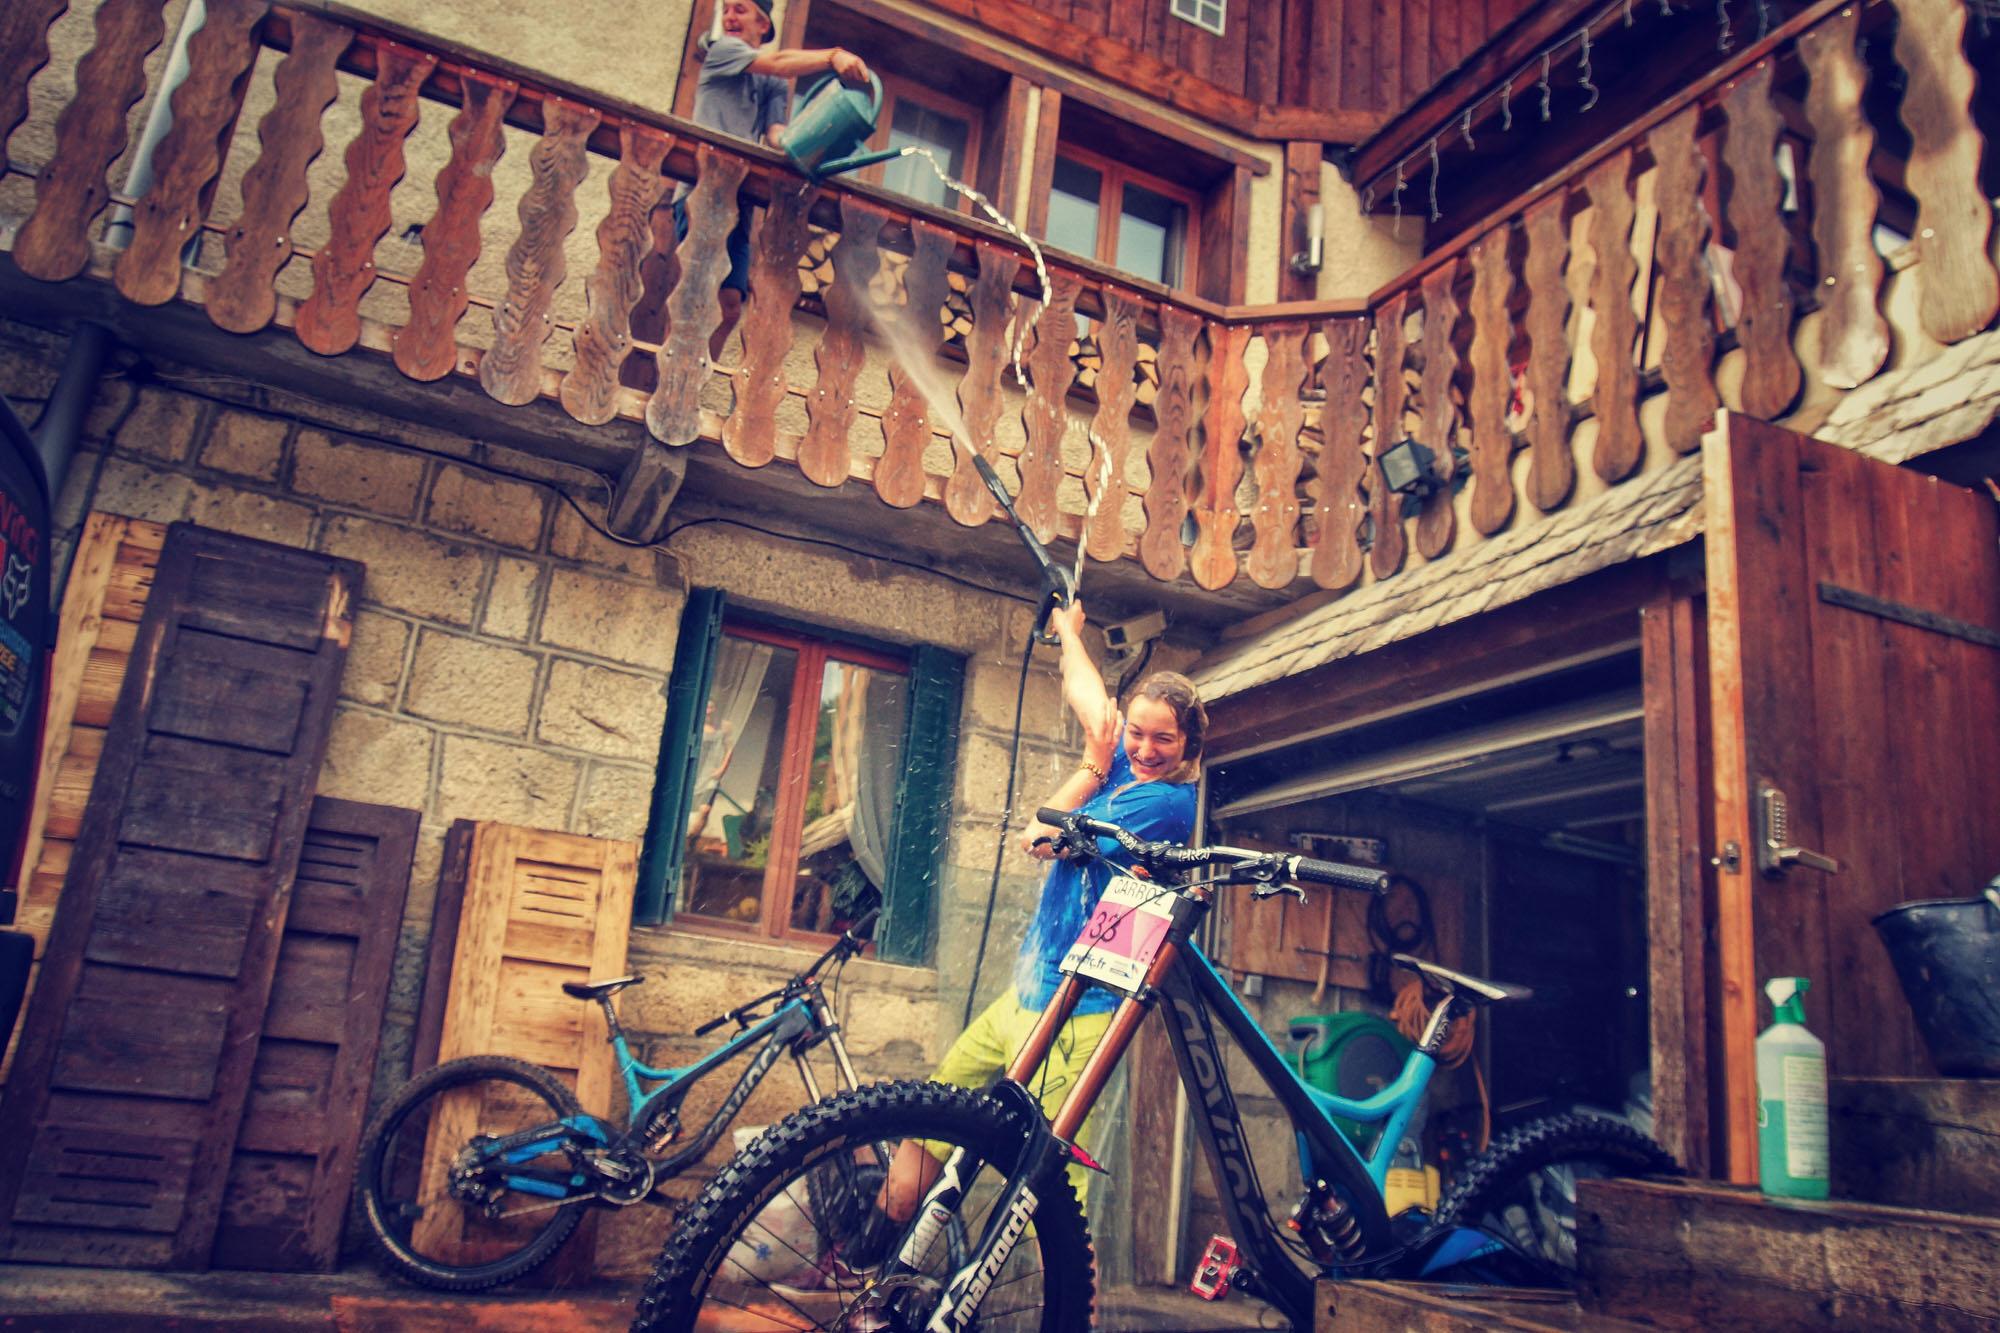 Wie sich das in einer Familie gehört, artet das Bikeputzen auch schnell mal in einer Wasserschlacht aus.